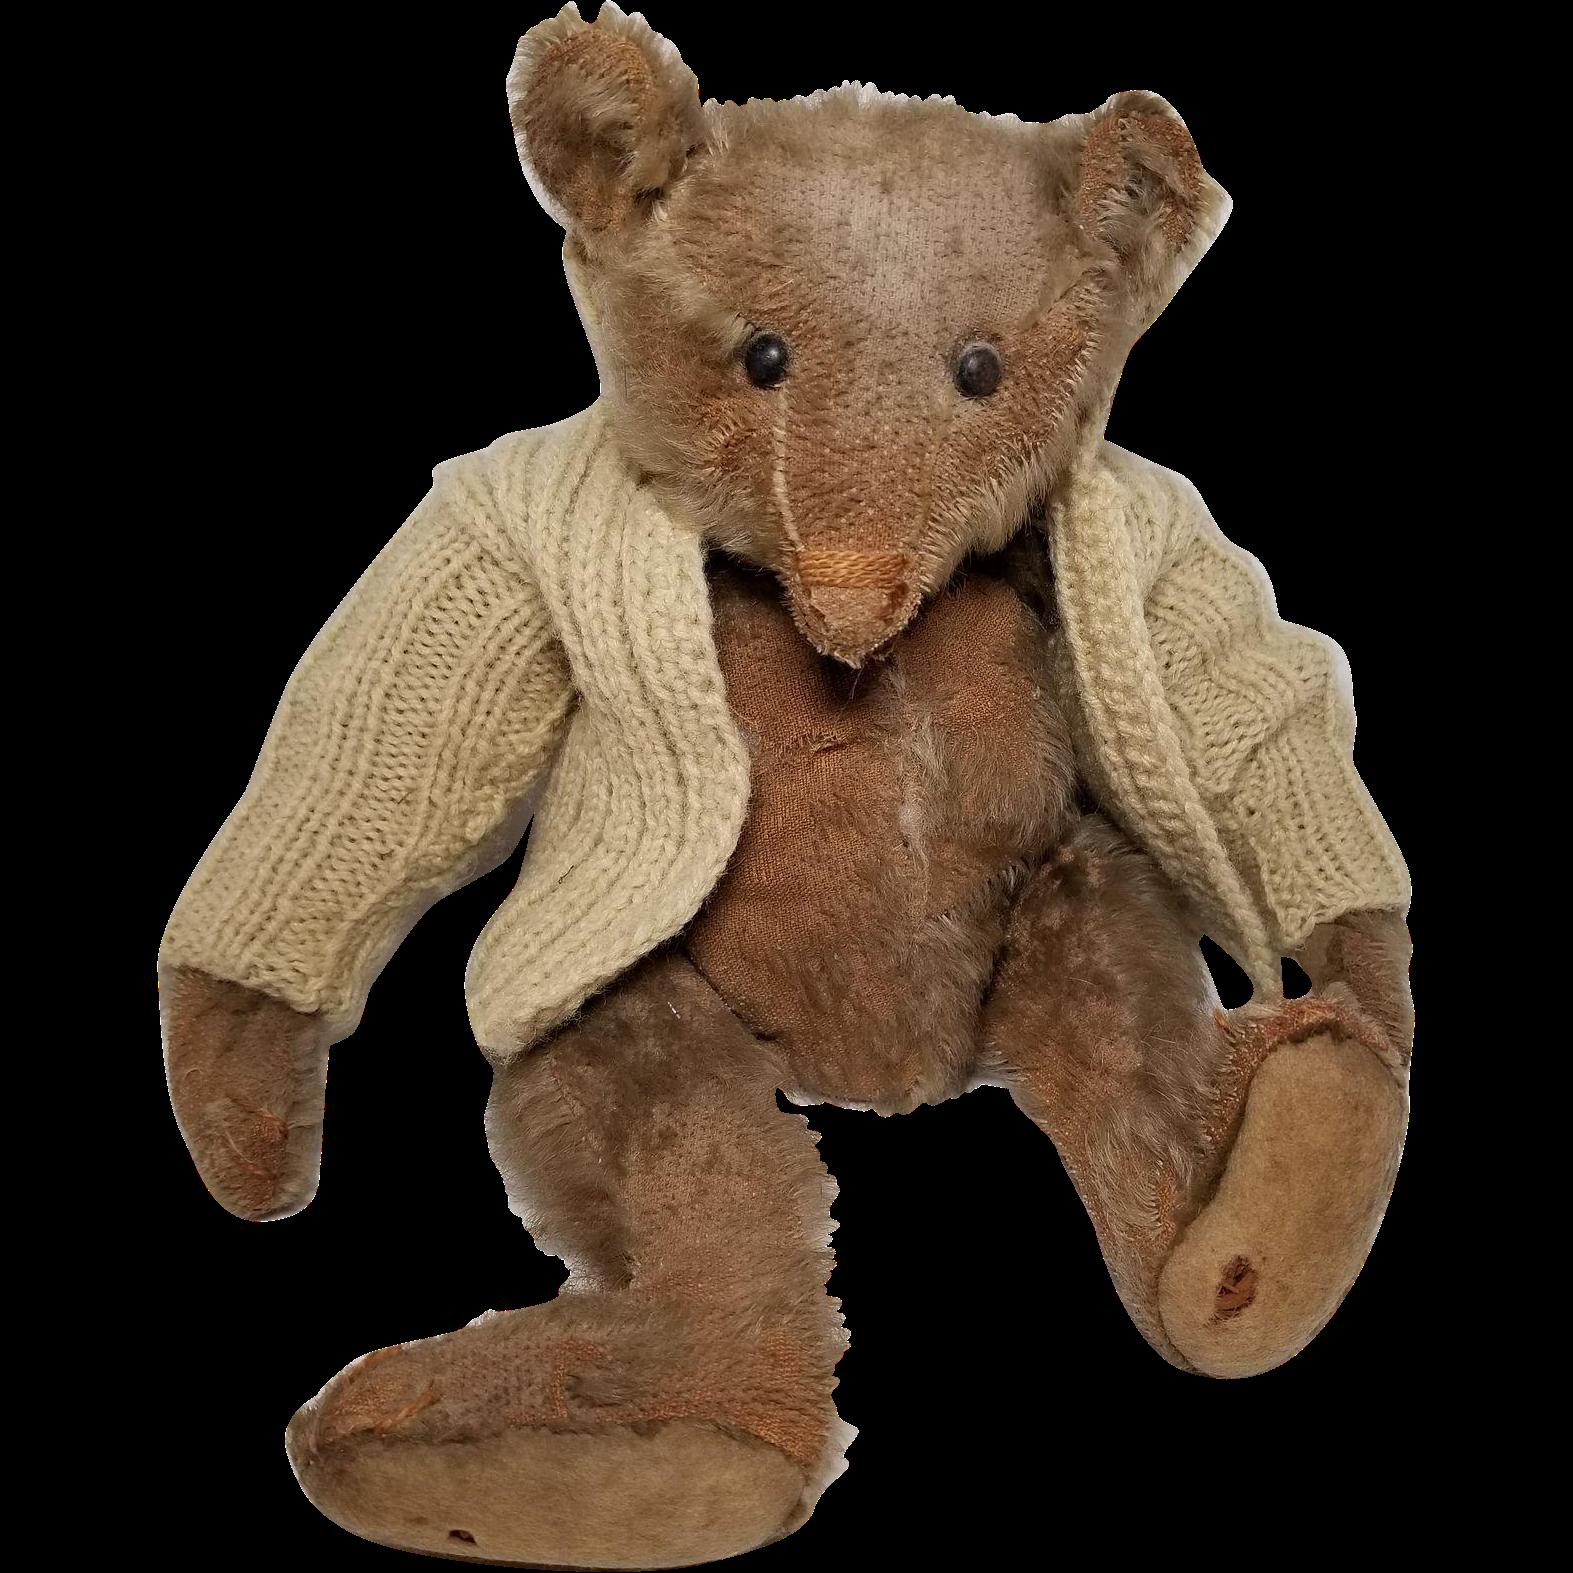 Old Teddy Bear Mohair Wonderful Face Jointed Glass Eyes 12 34 Tall Cabinet Old Teddy Bears Antique Teddy Bears Teddy Bear